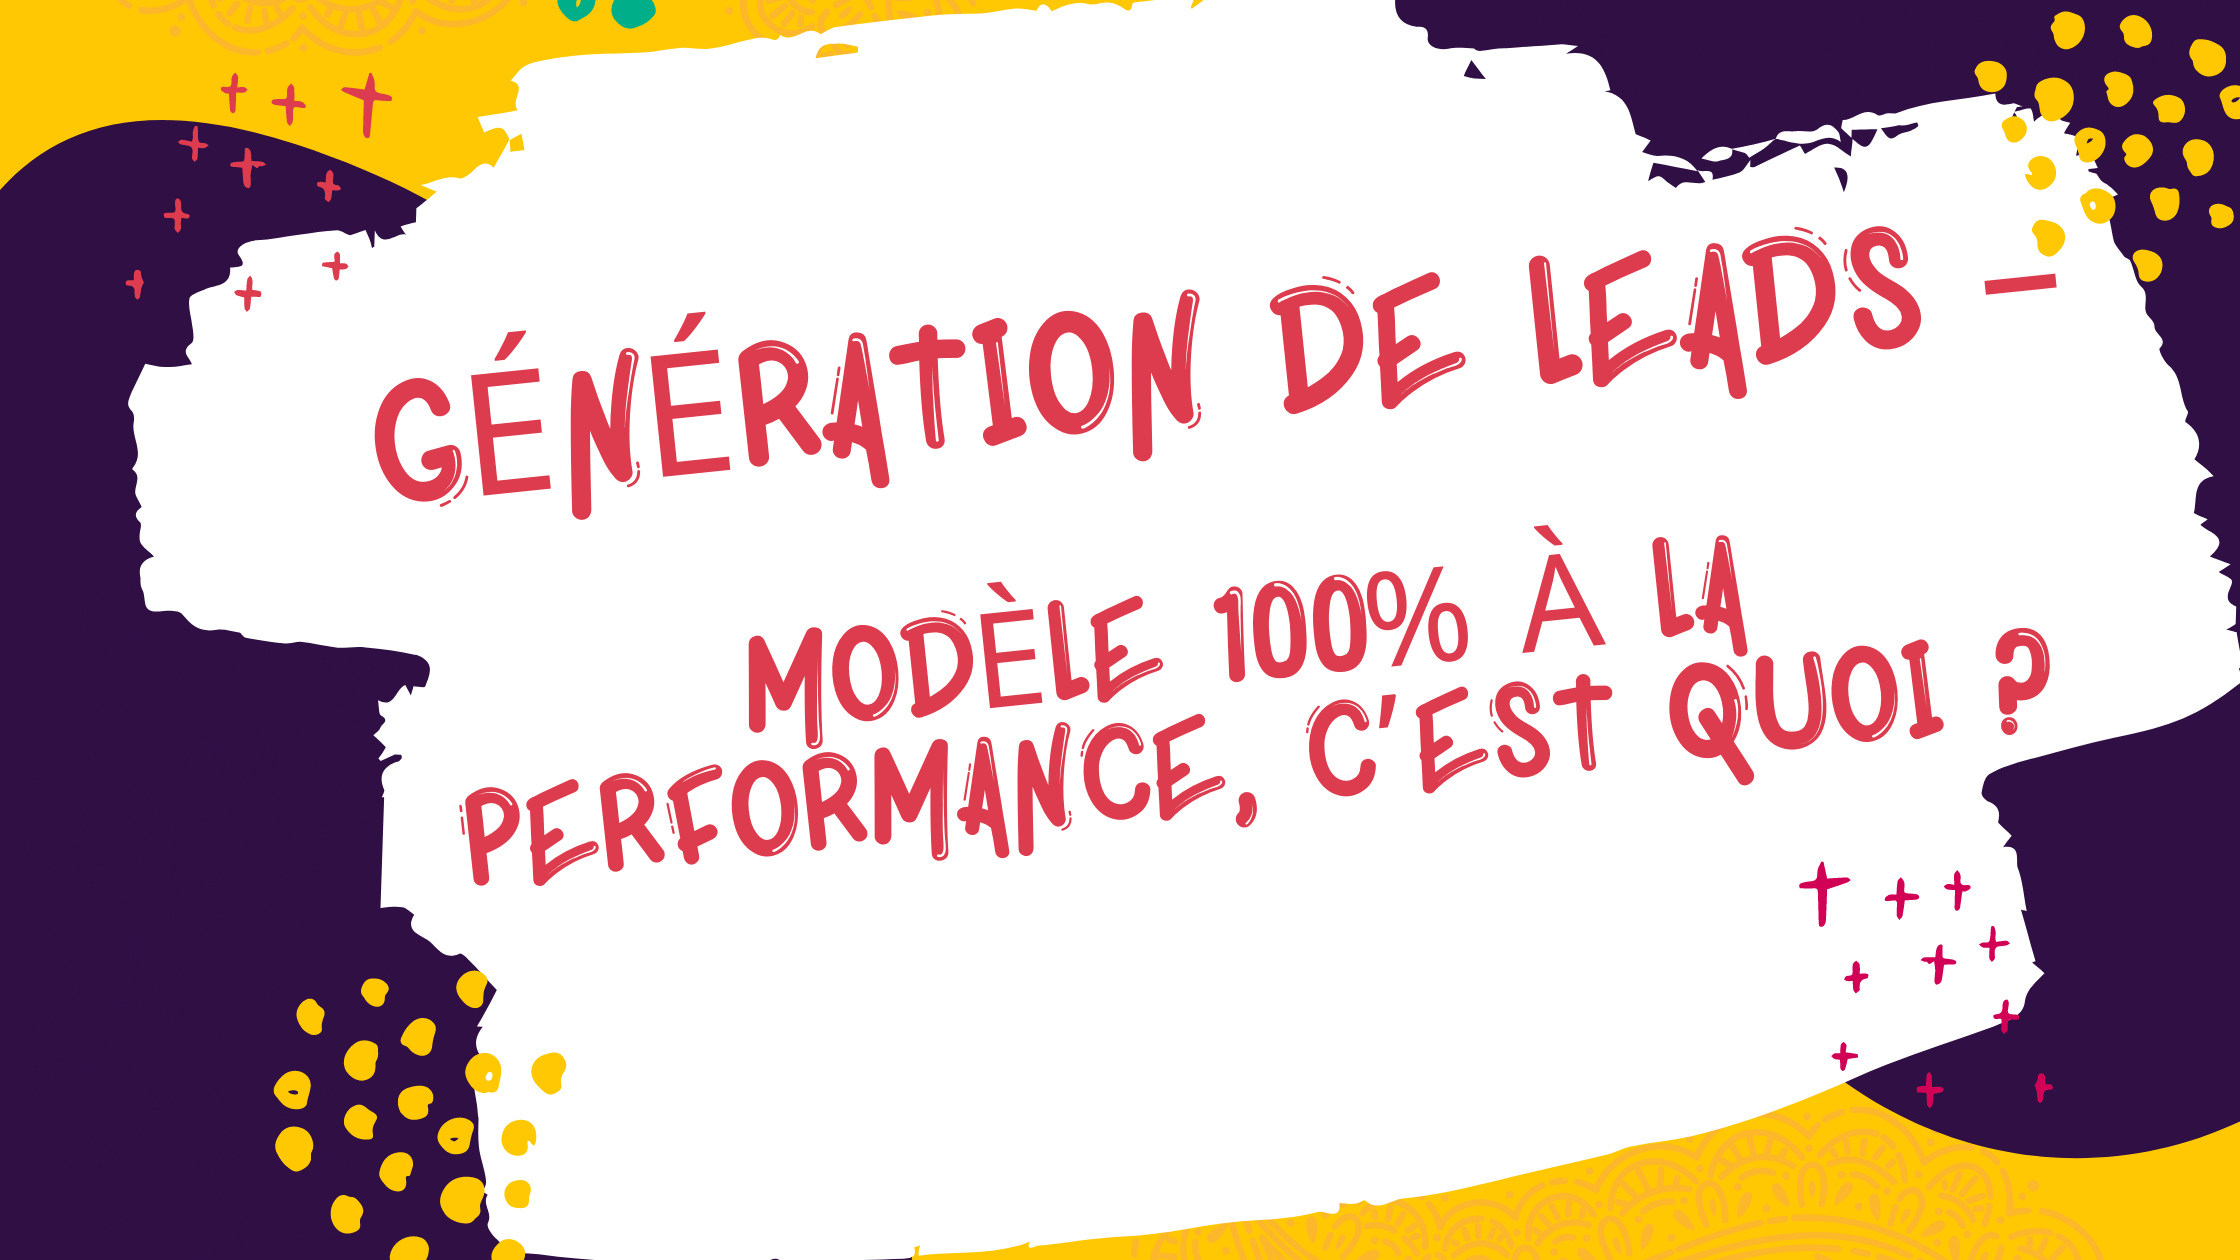 Génération de leads – Modèle 100% à la performance, c'est quoi?